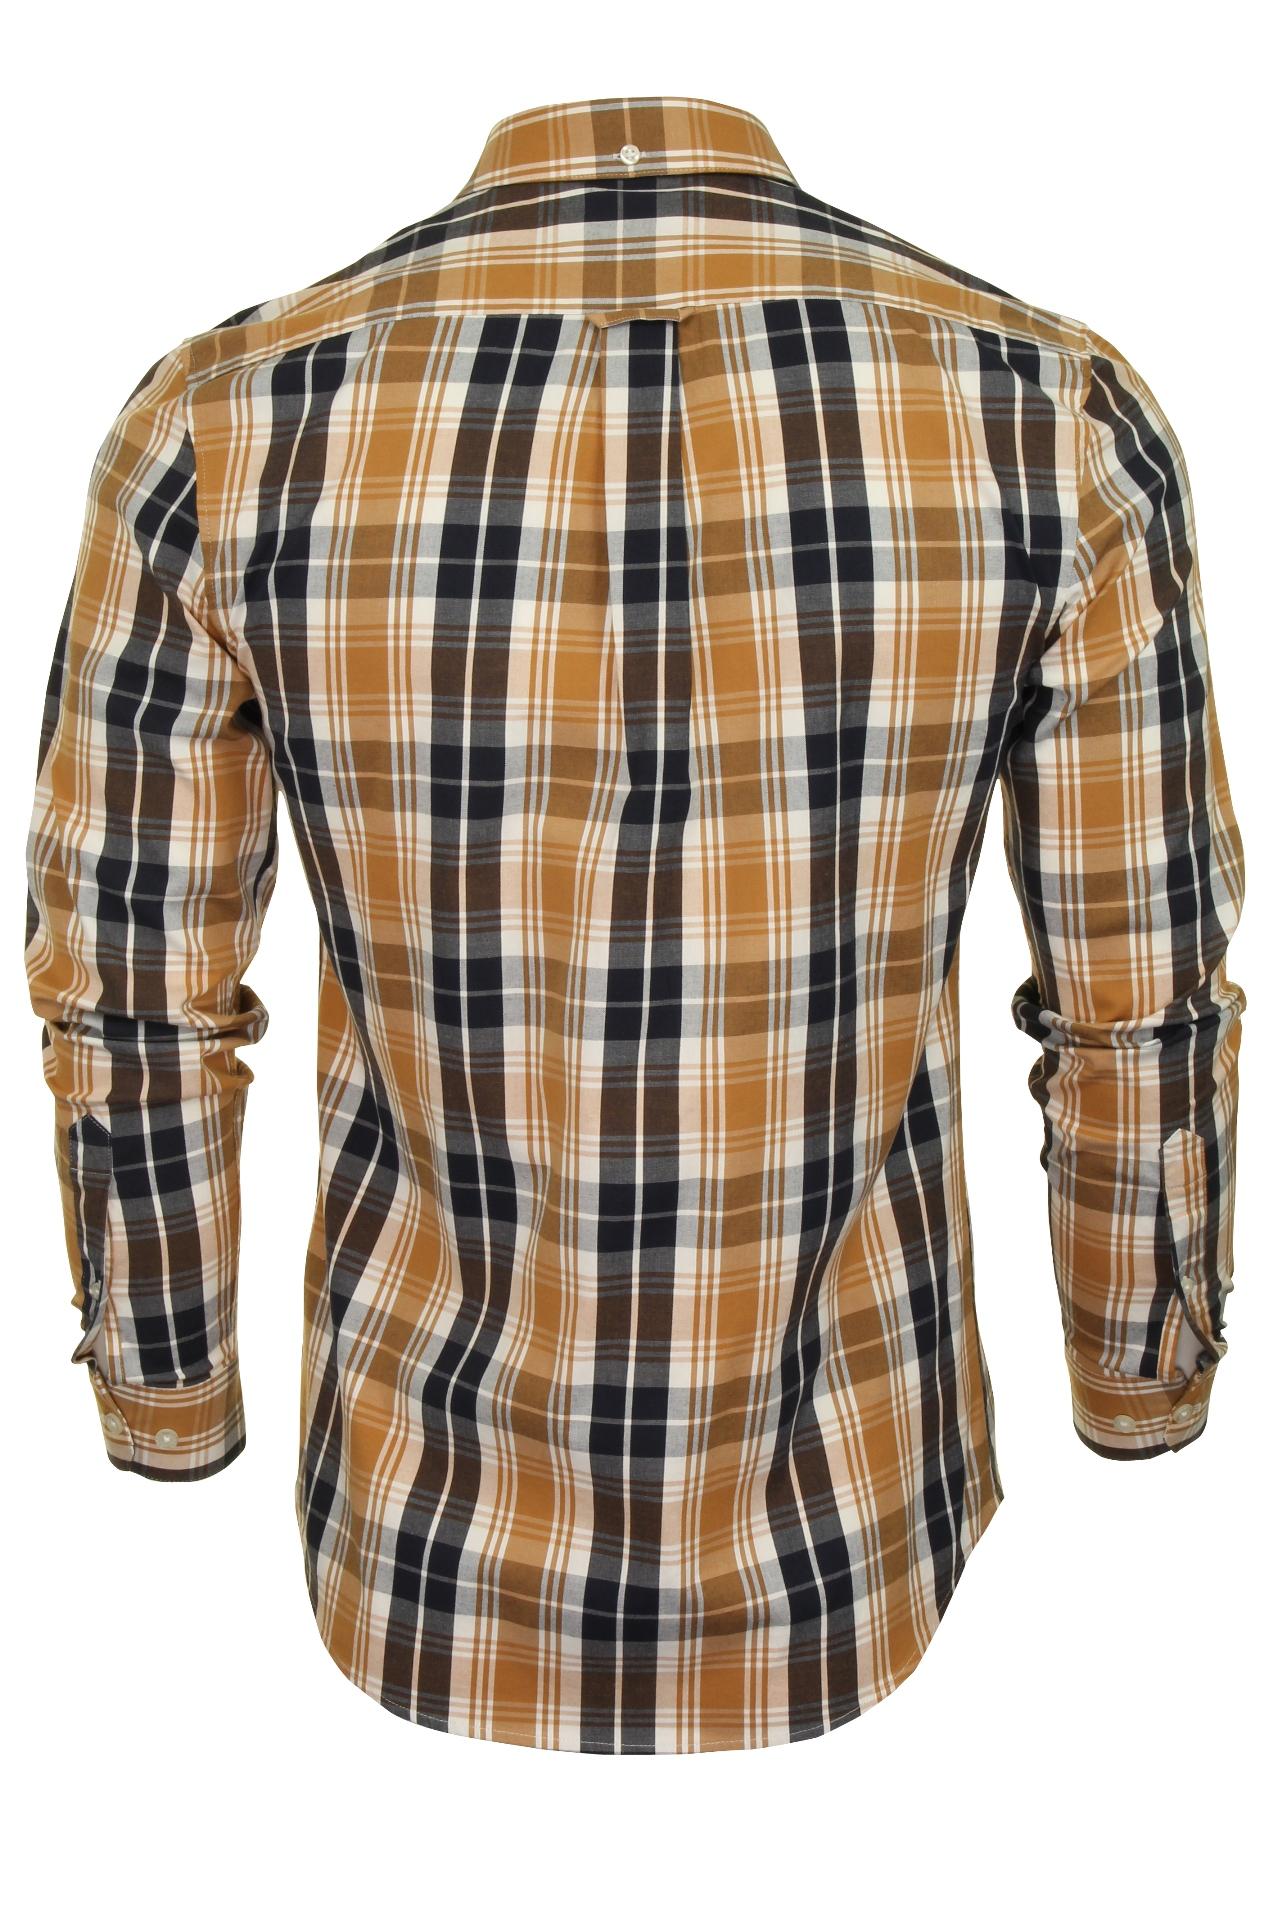 Farah-Mens-Check-Shirt-039-Brewer-Blackwatch-039-Long-Sleeved thumbnail 14